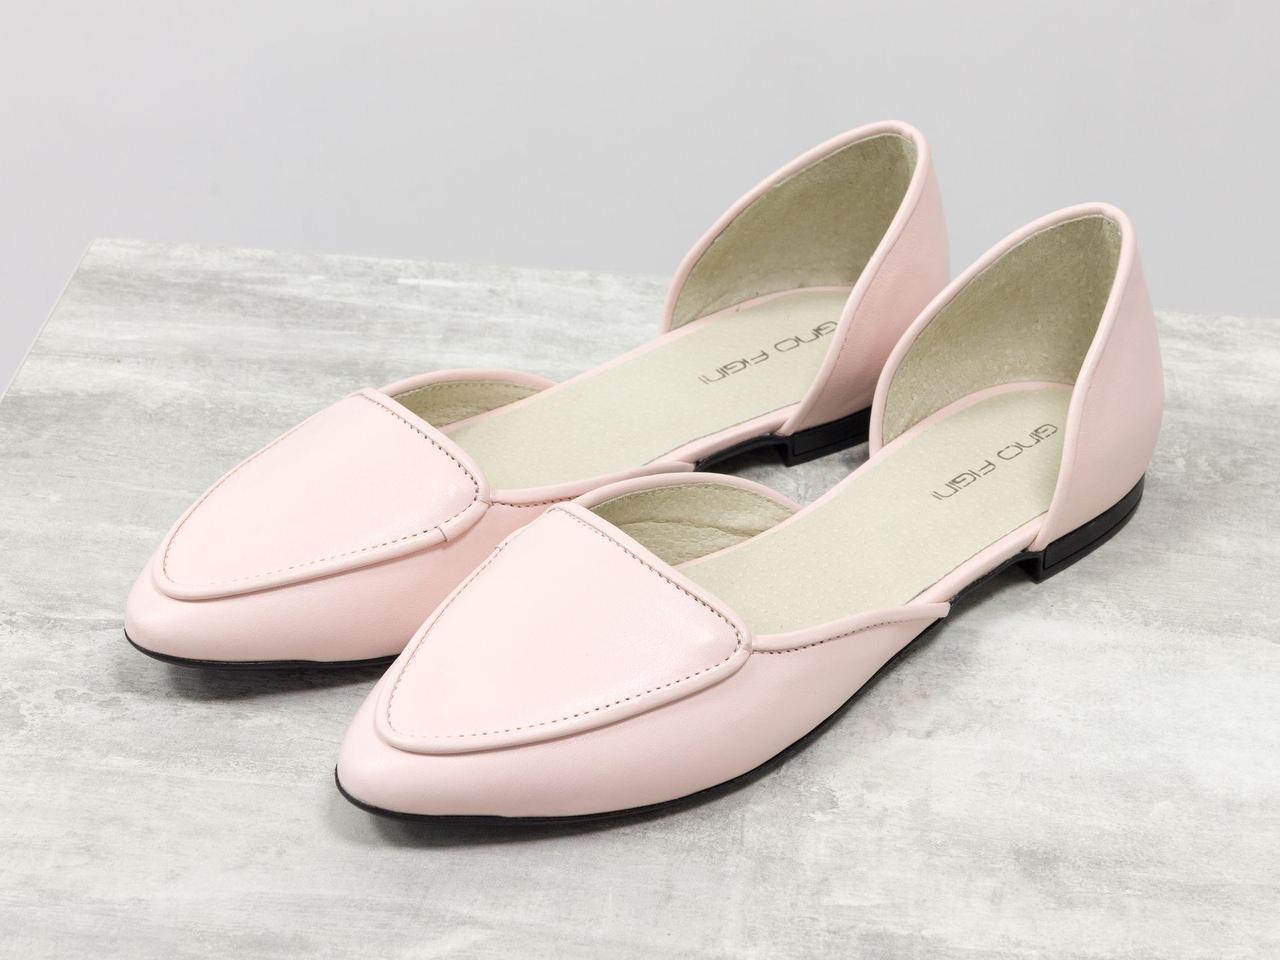 Облегченные туфли-лодочки с удлиненным носиком на низком ходу нежного светло-розового цвета кожи,  Д-24-13